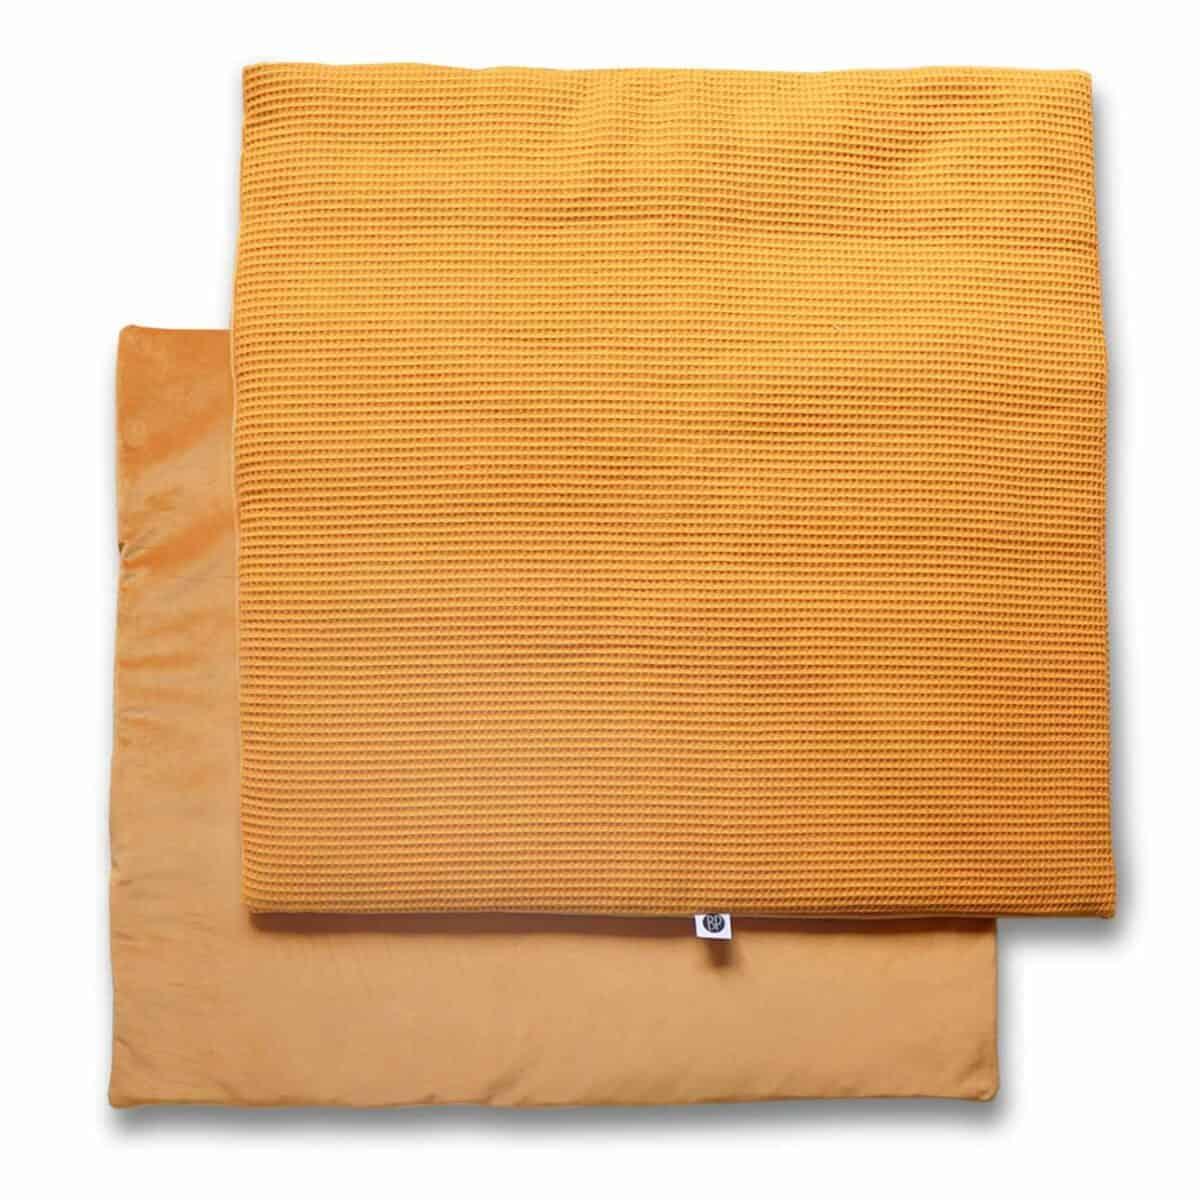 Vierkant boxkleed velvet oker geel